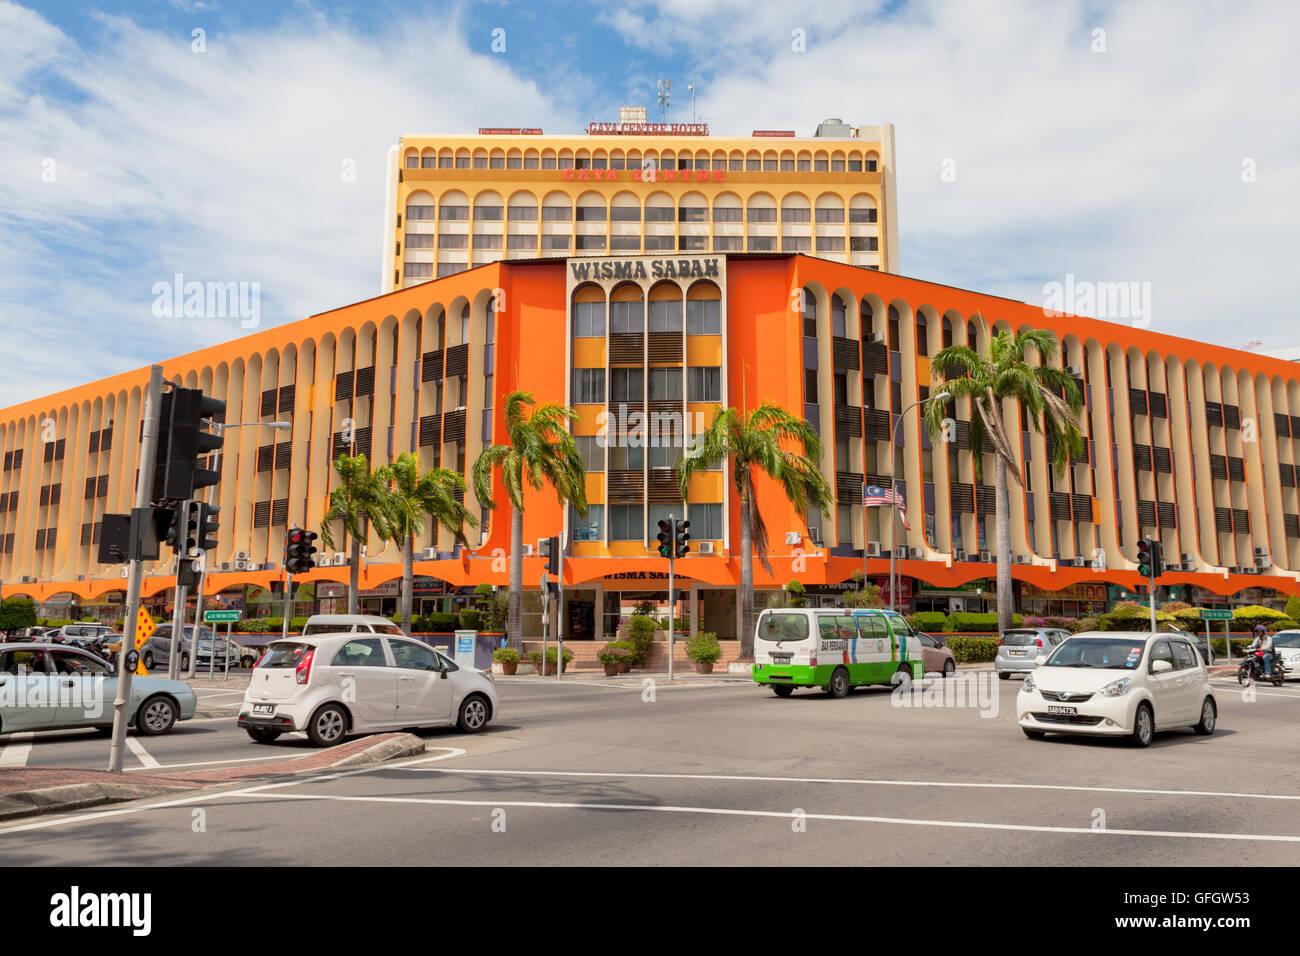 Wisma Sabah Einkaufszentrum Im Zentrum Von Kota Kinabalu Sabah